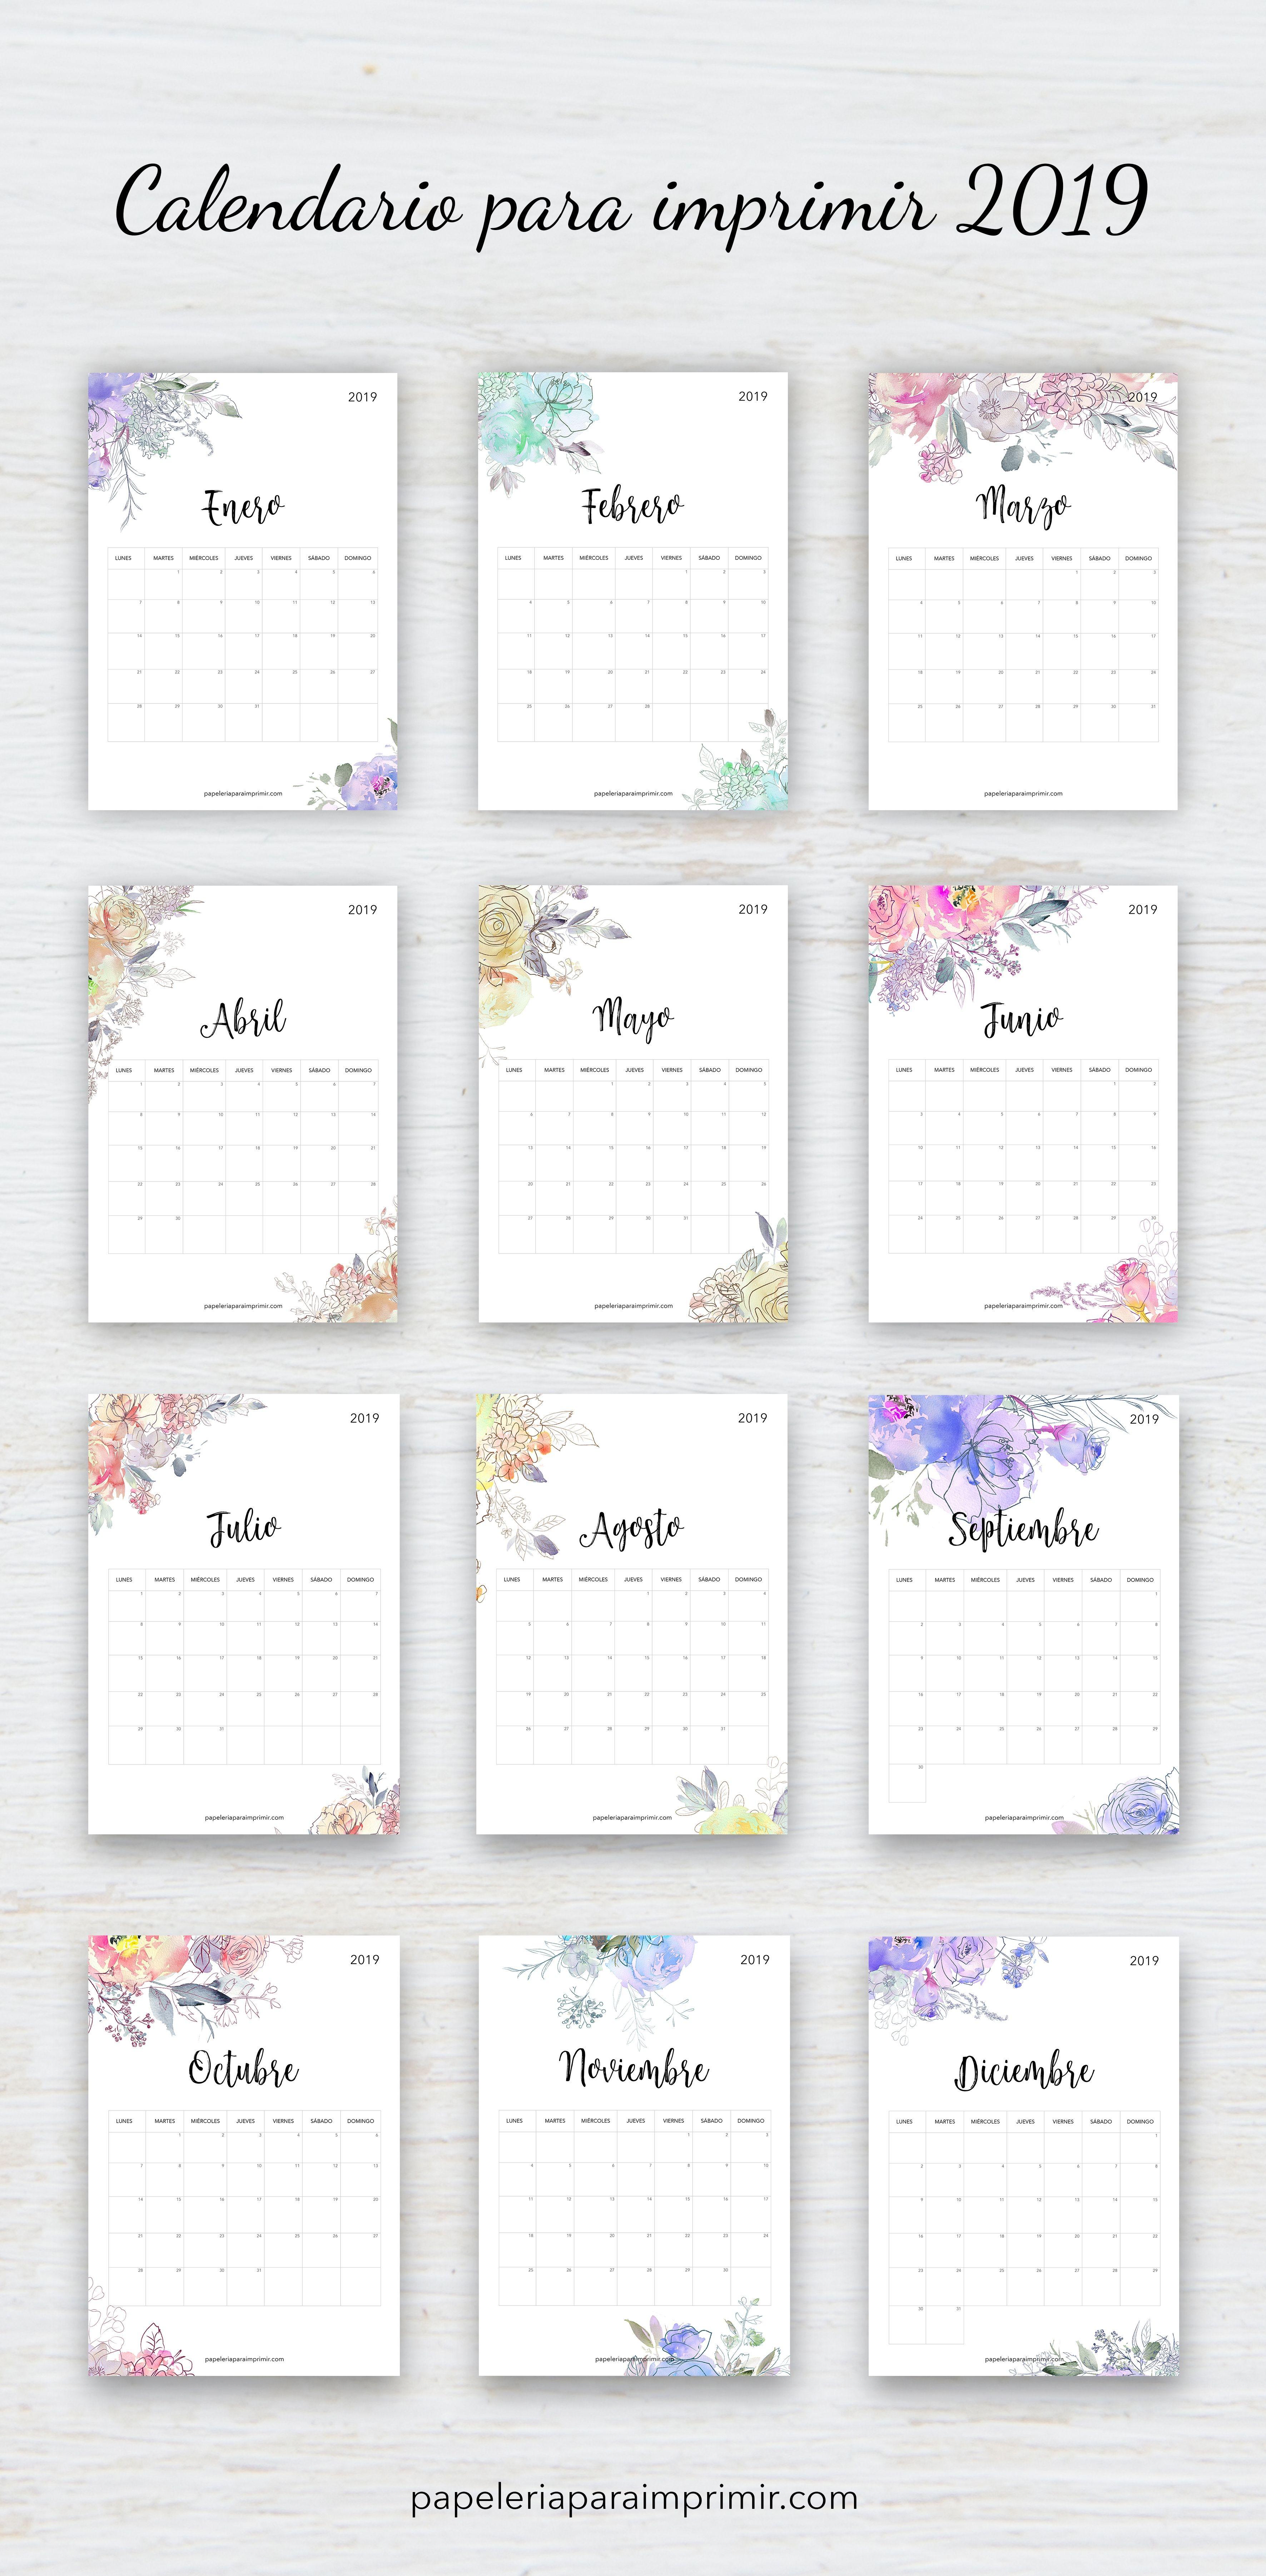 miolo digital agendamento manicure agendamento Agenda Manicure o resultado de calendario para imprimir 2019